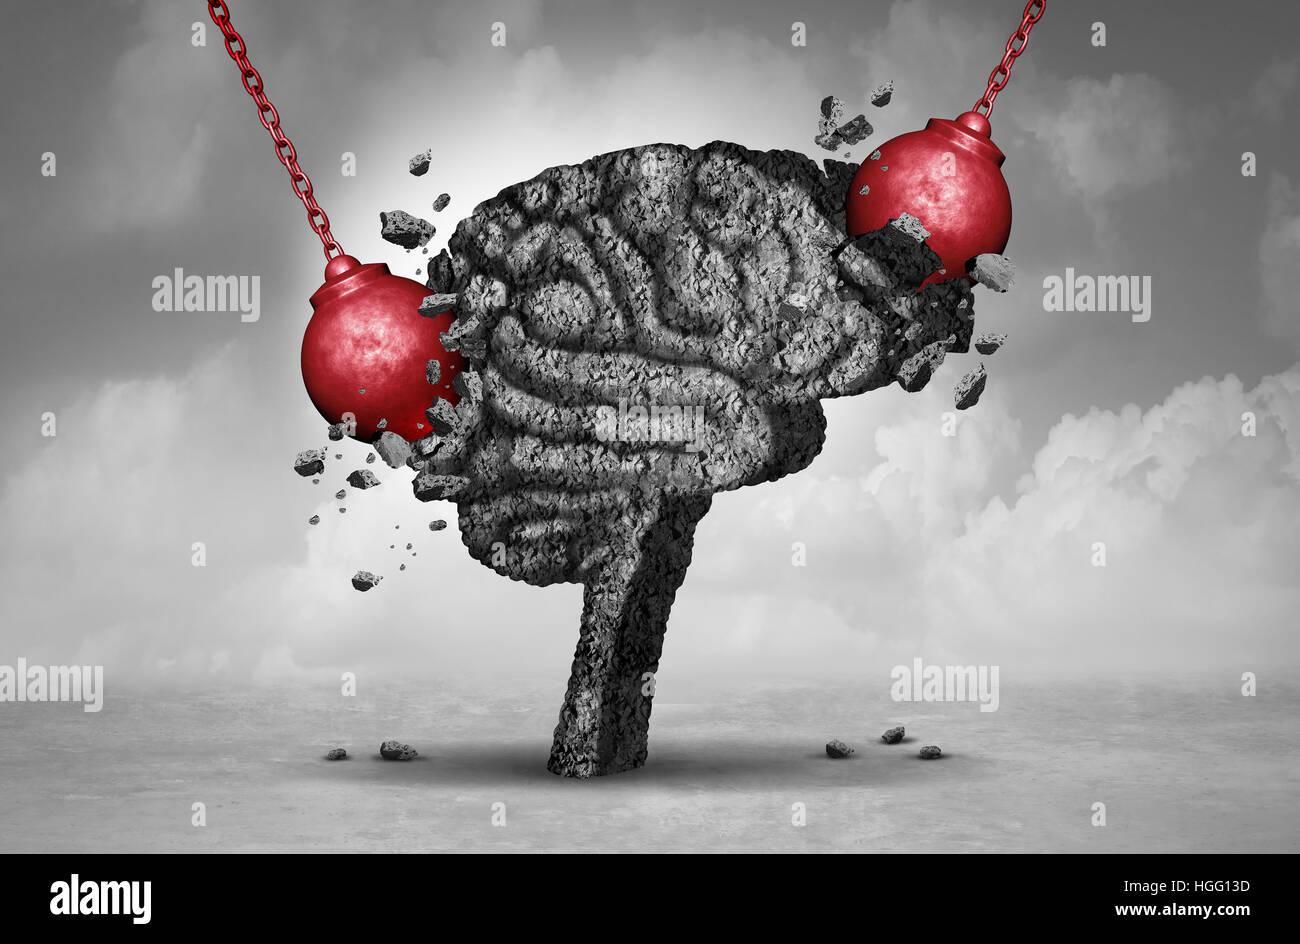 Kopfschmerzen und hämmerte schmerzhaften Migräne-Konzept als ein menschliches Gehirn Kopf aus Zement zerstört Stockbild